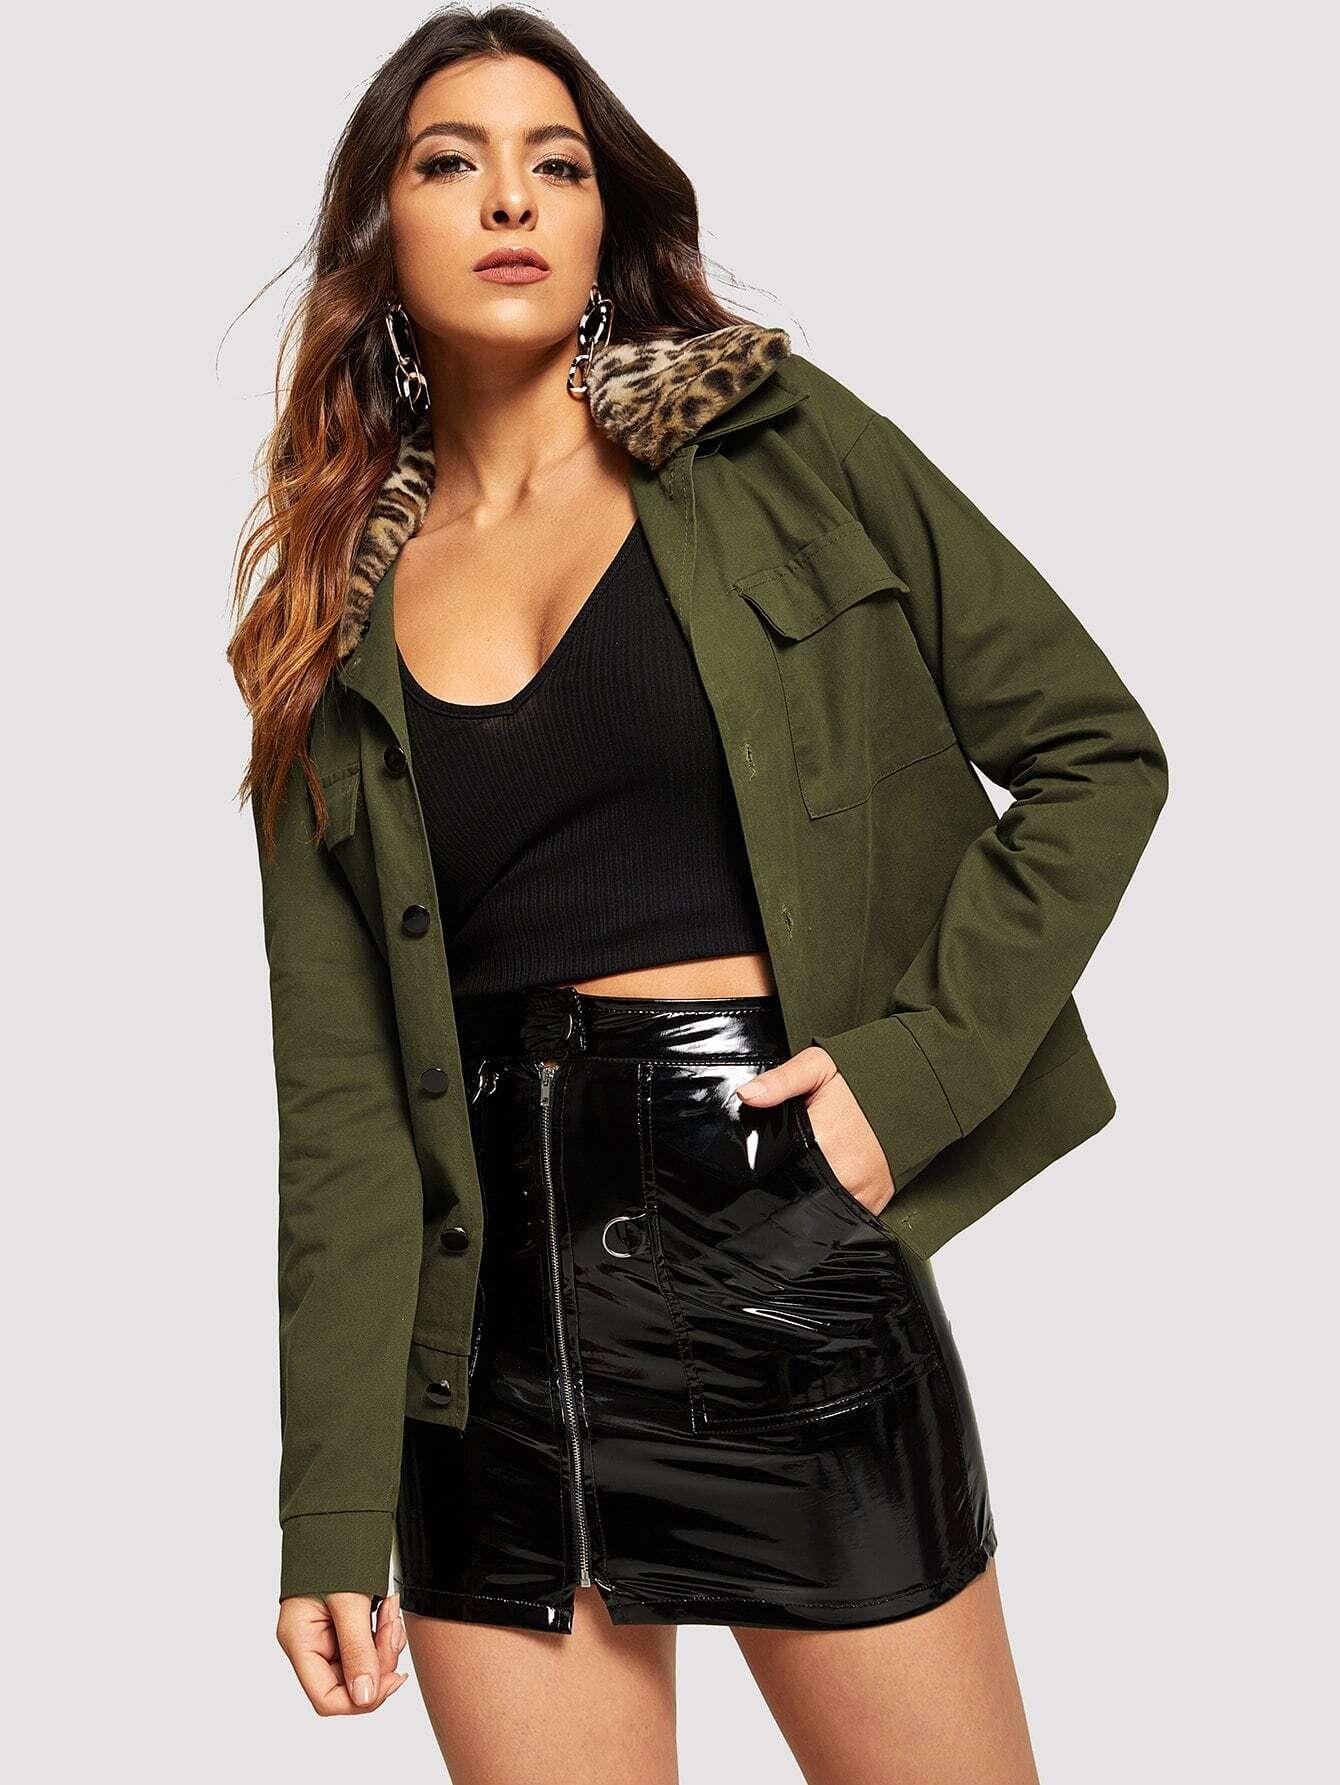 Купить Цветахаки на пуговицах Одноцветный Повседневный Жакеты + Куртки, DANI A, SheIn